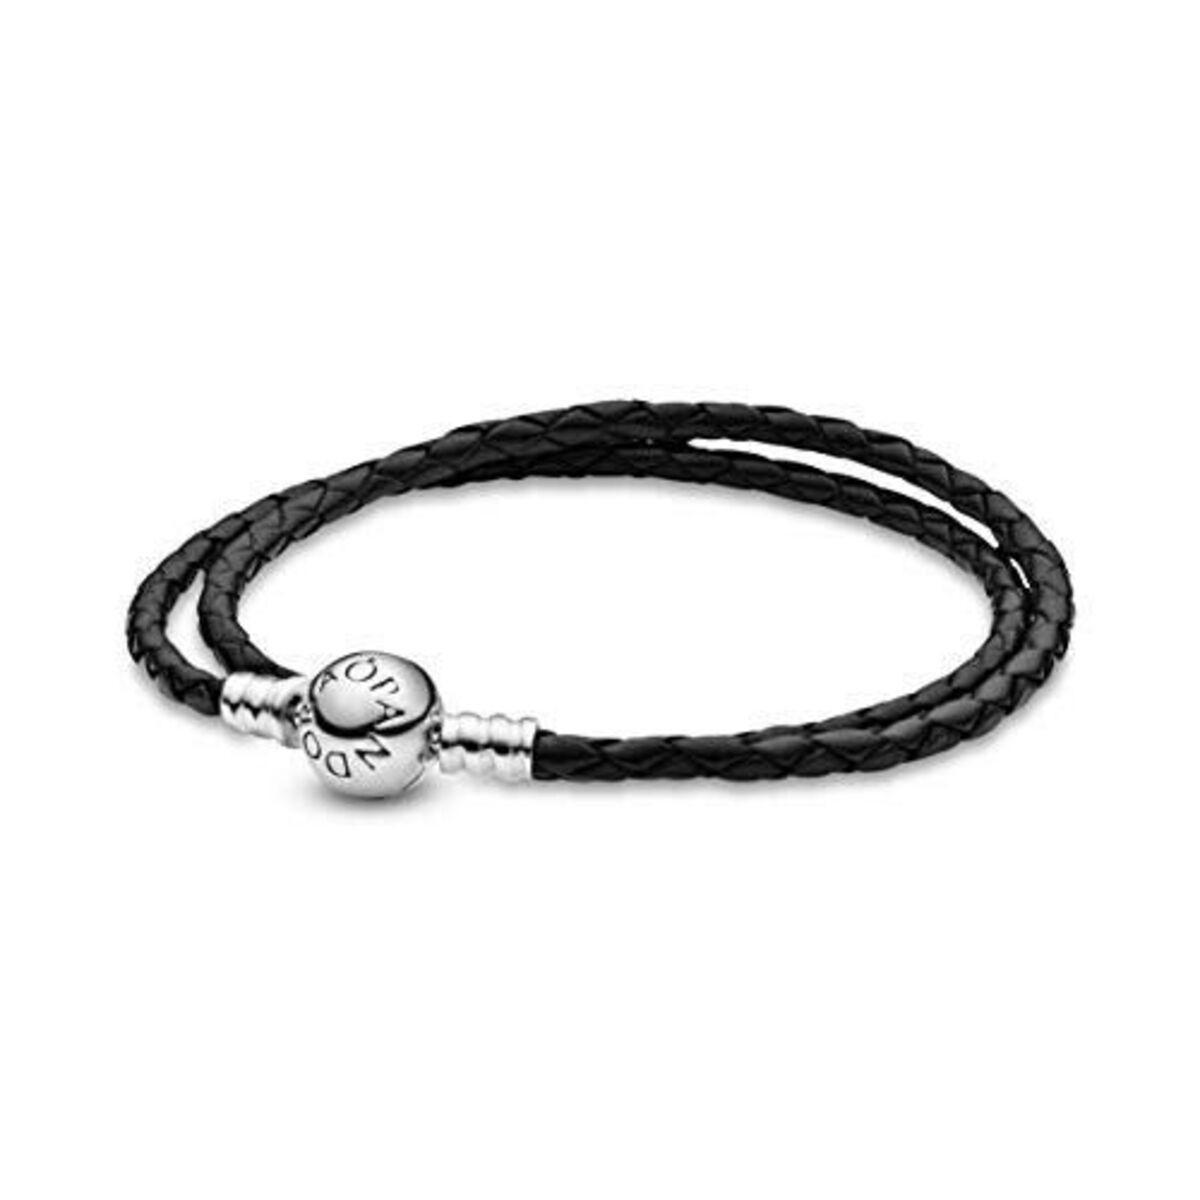 Bracelet Femme Pandora Bijoux 590745CBK-D1 - Bracelet Double Tressé en Cuir  - noir